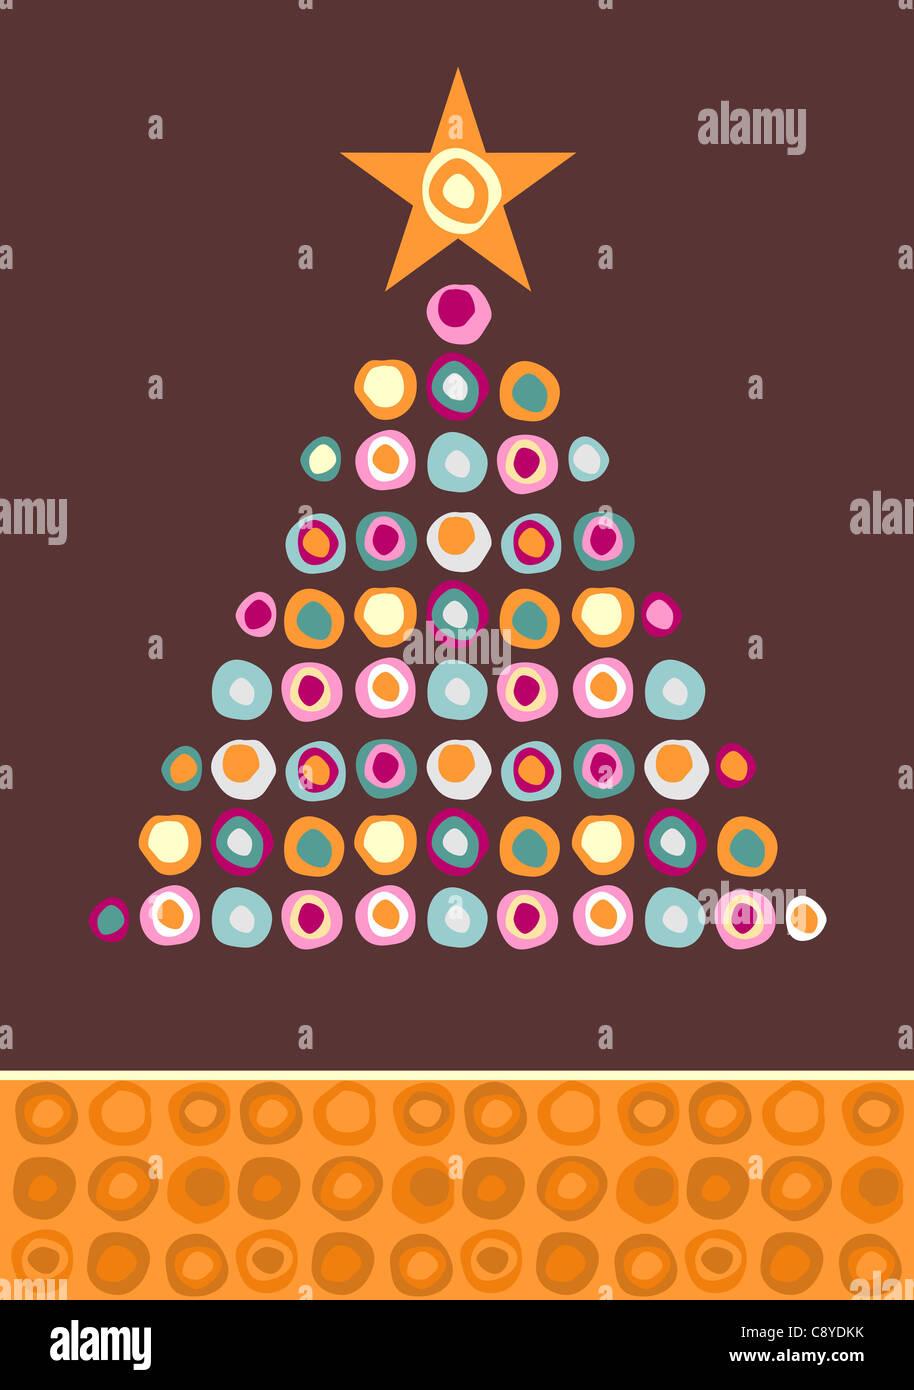 Albero di Natale fatto di cerchi multicolore con una stella in alto su sfondo viola. File vettoriale disponibile. Immagini Stock